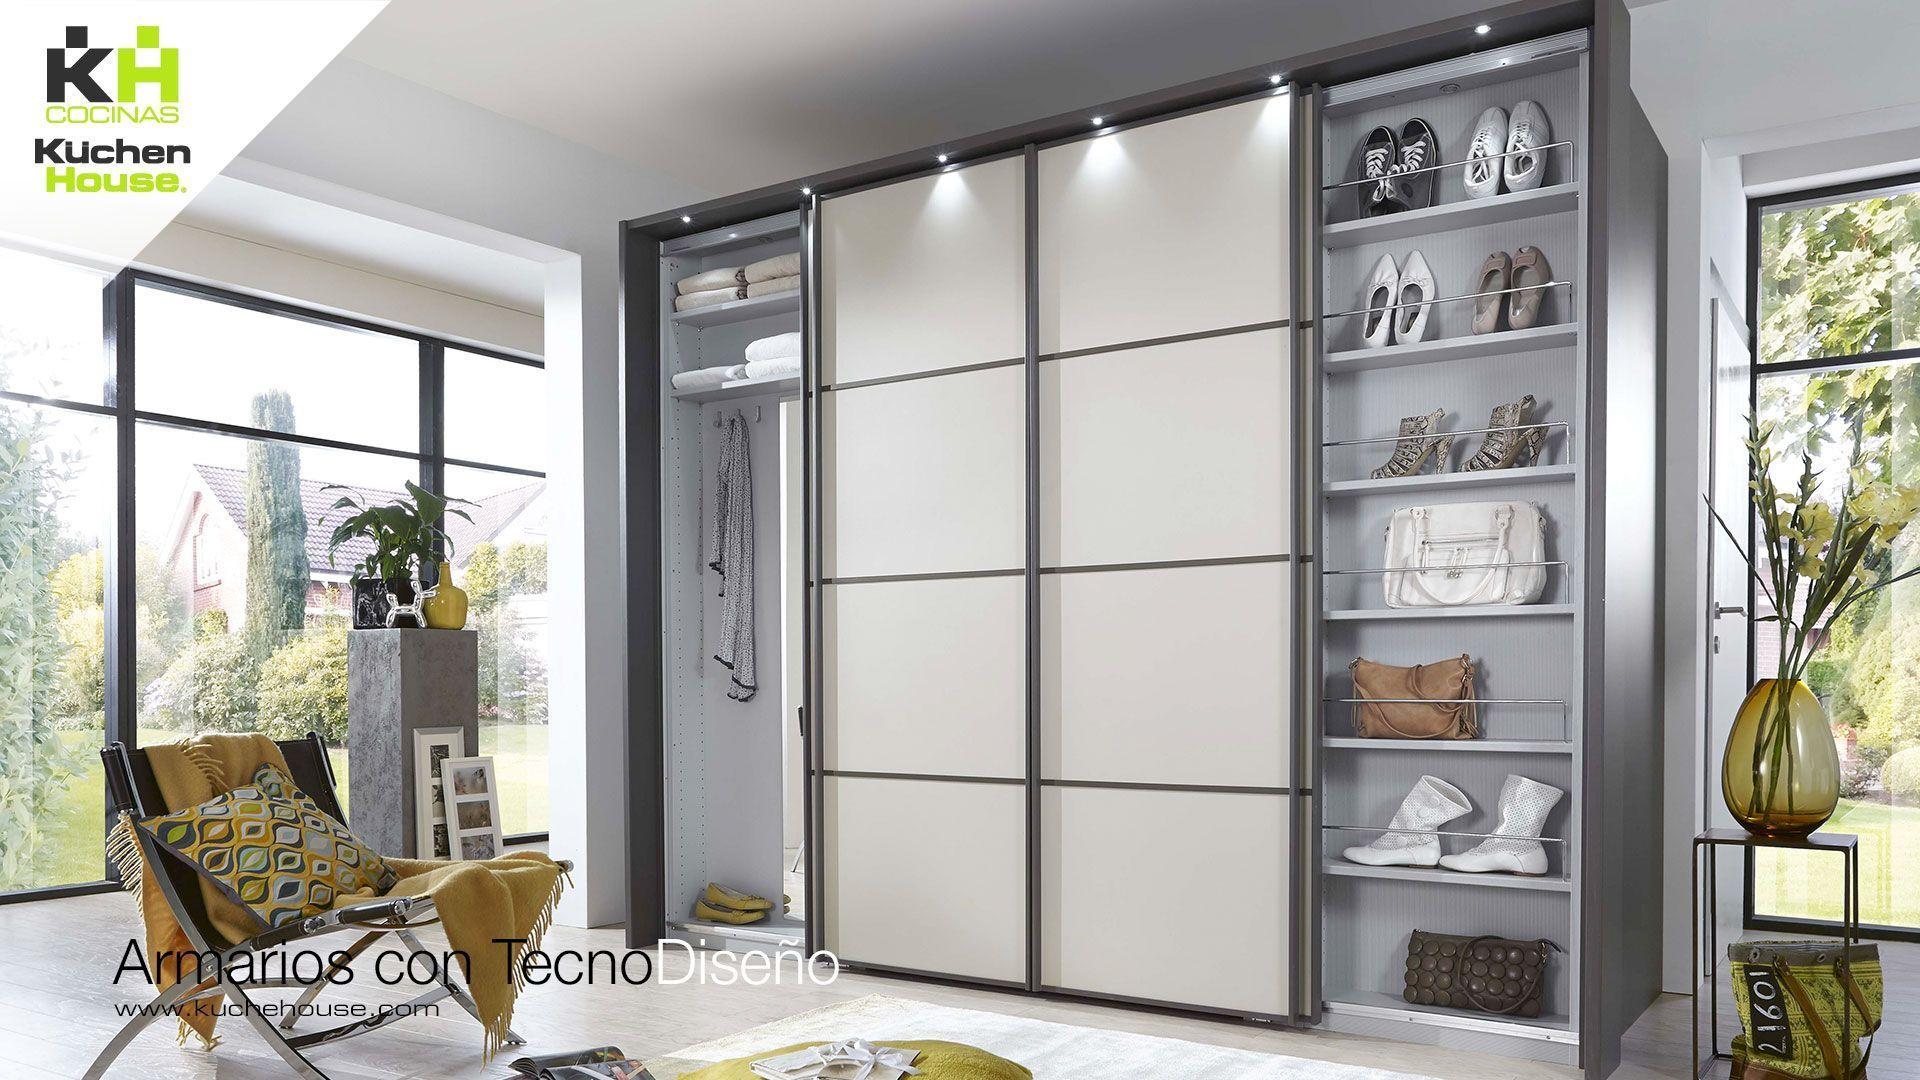 Armarios Kuchen House - Cocinas - Armarios - Hogar - Reformas